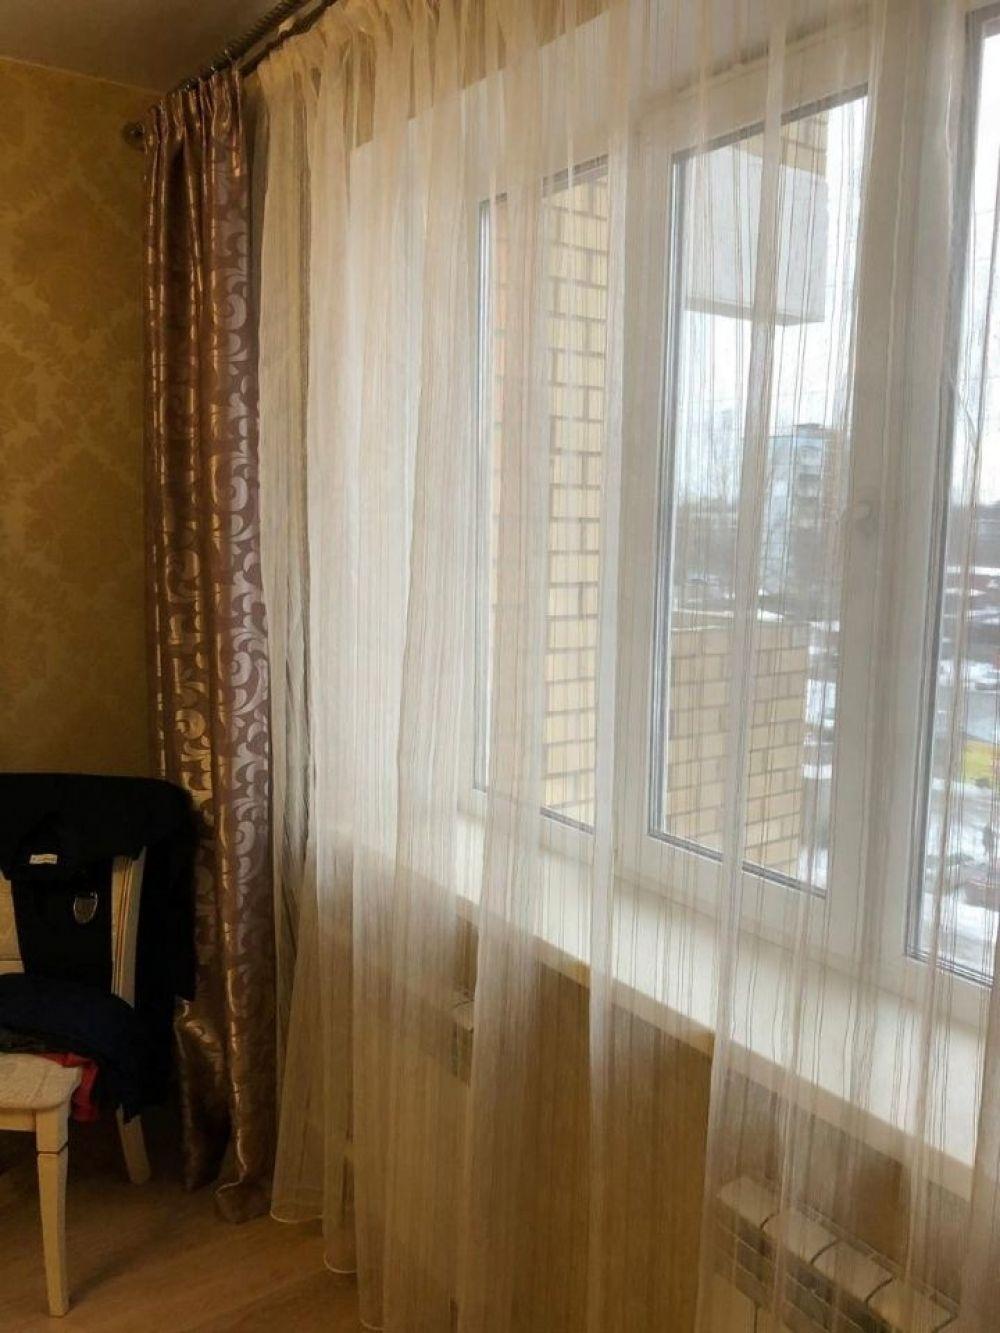 2-к квартира, Щёлково, Богородский 15, фото 11